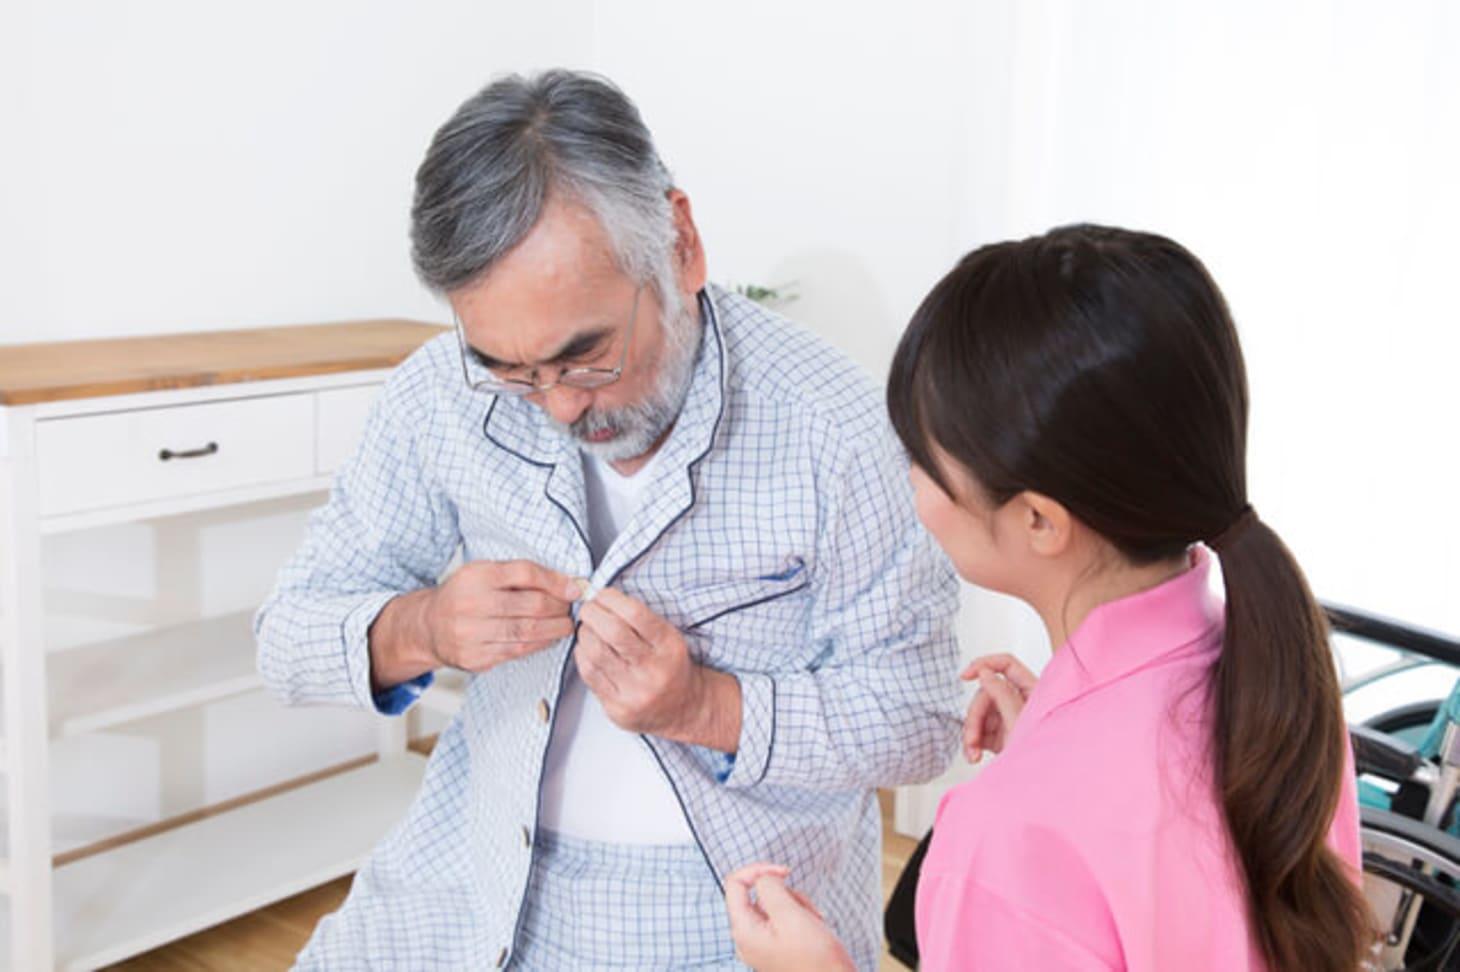 特養(特別養護老人ホーム)の機能訓練指導員になるために必要な資格とは?